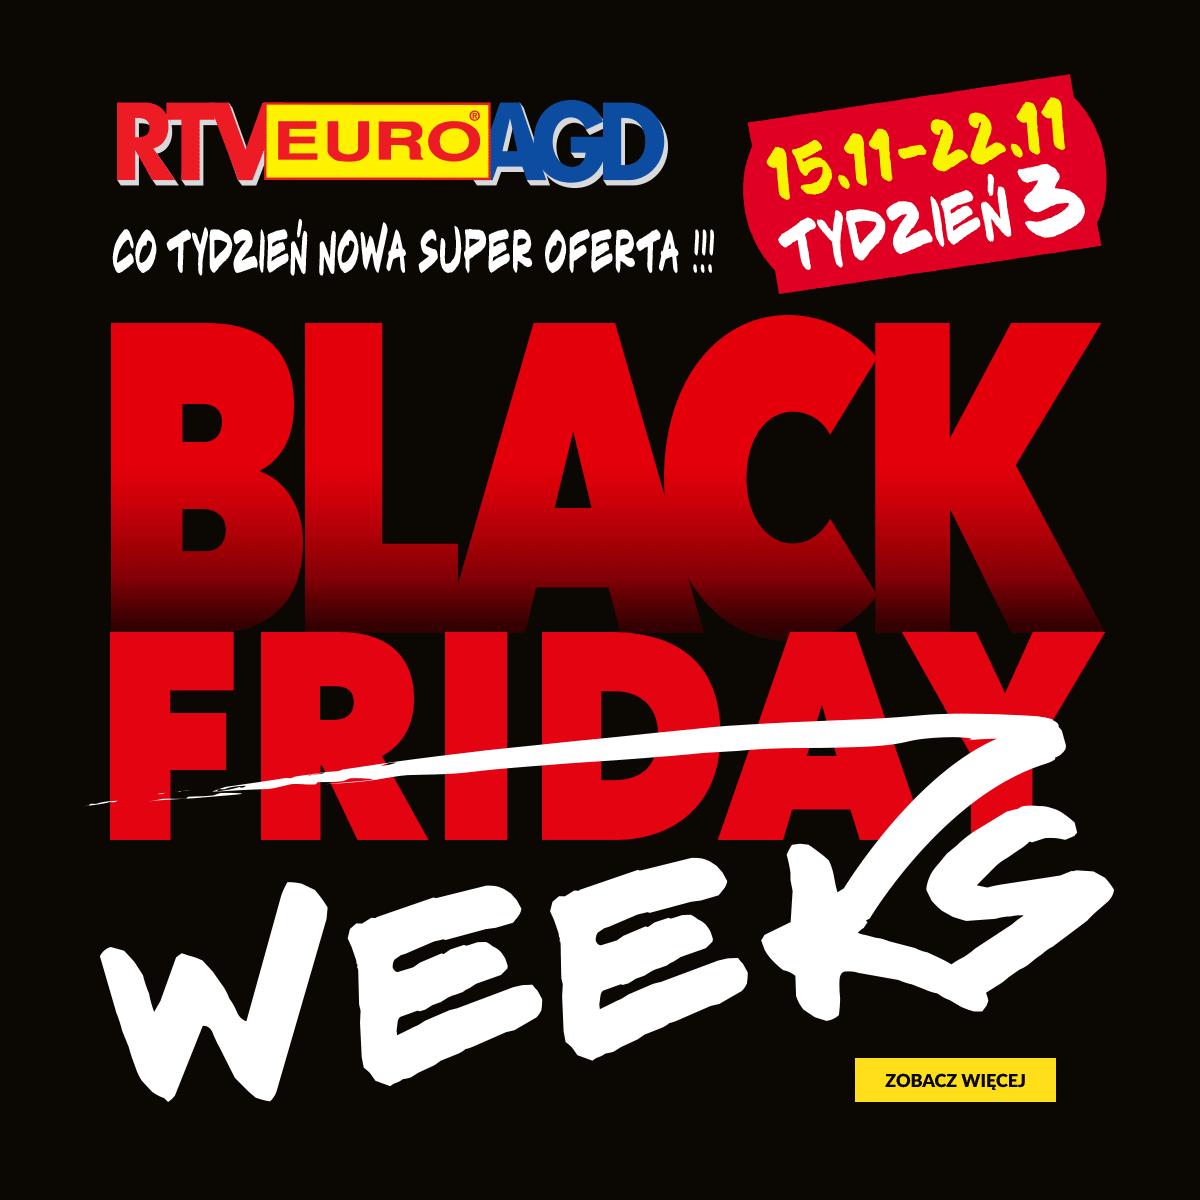 Black Week - Tydzień 3